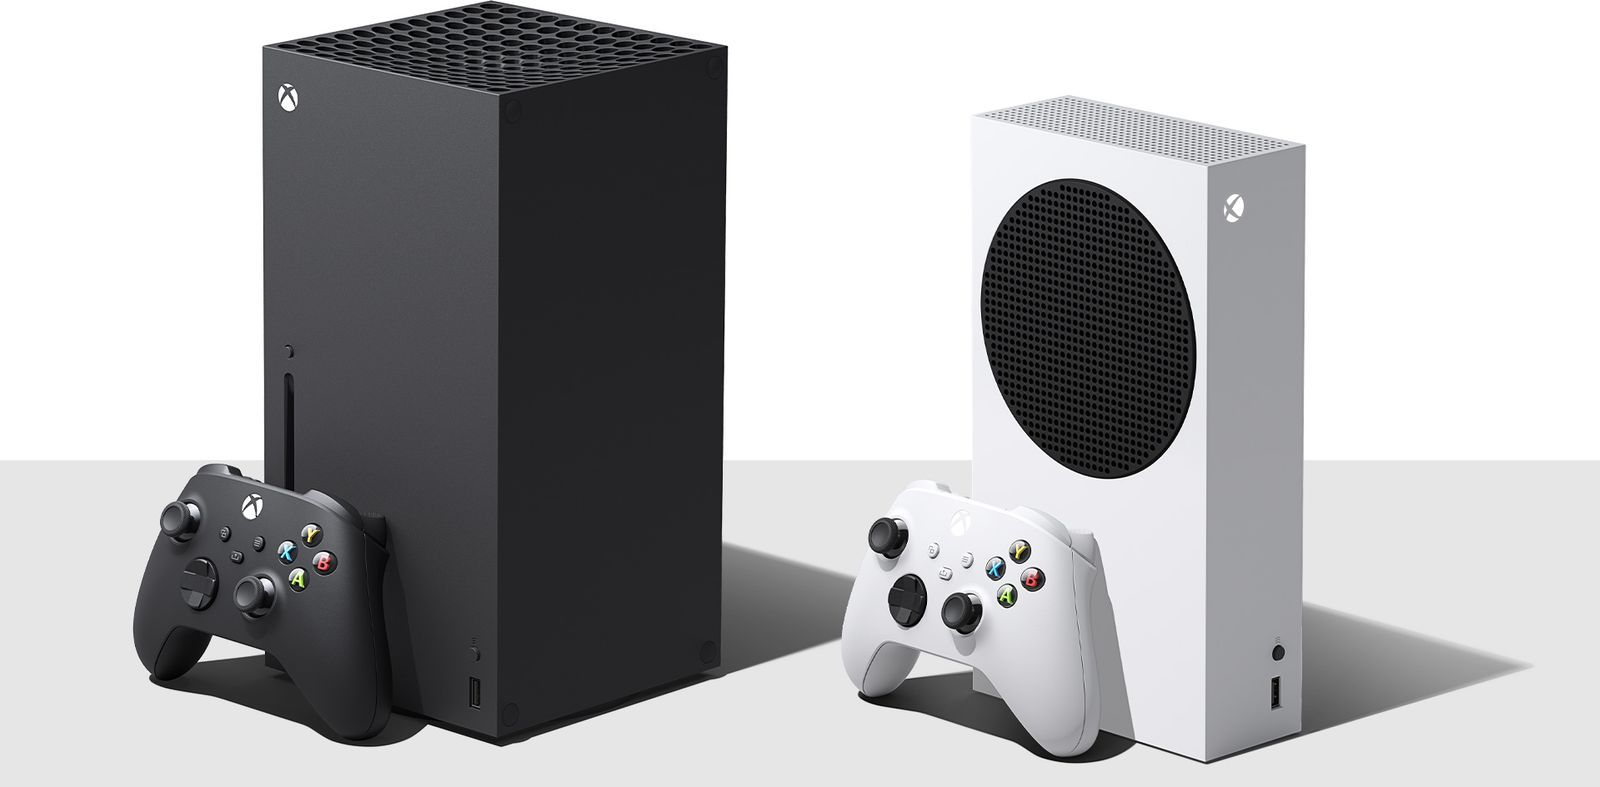 PS5 har bedre ytelse enn Xbox Series X, men snart er det